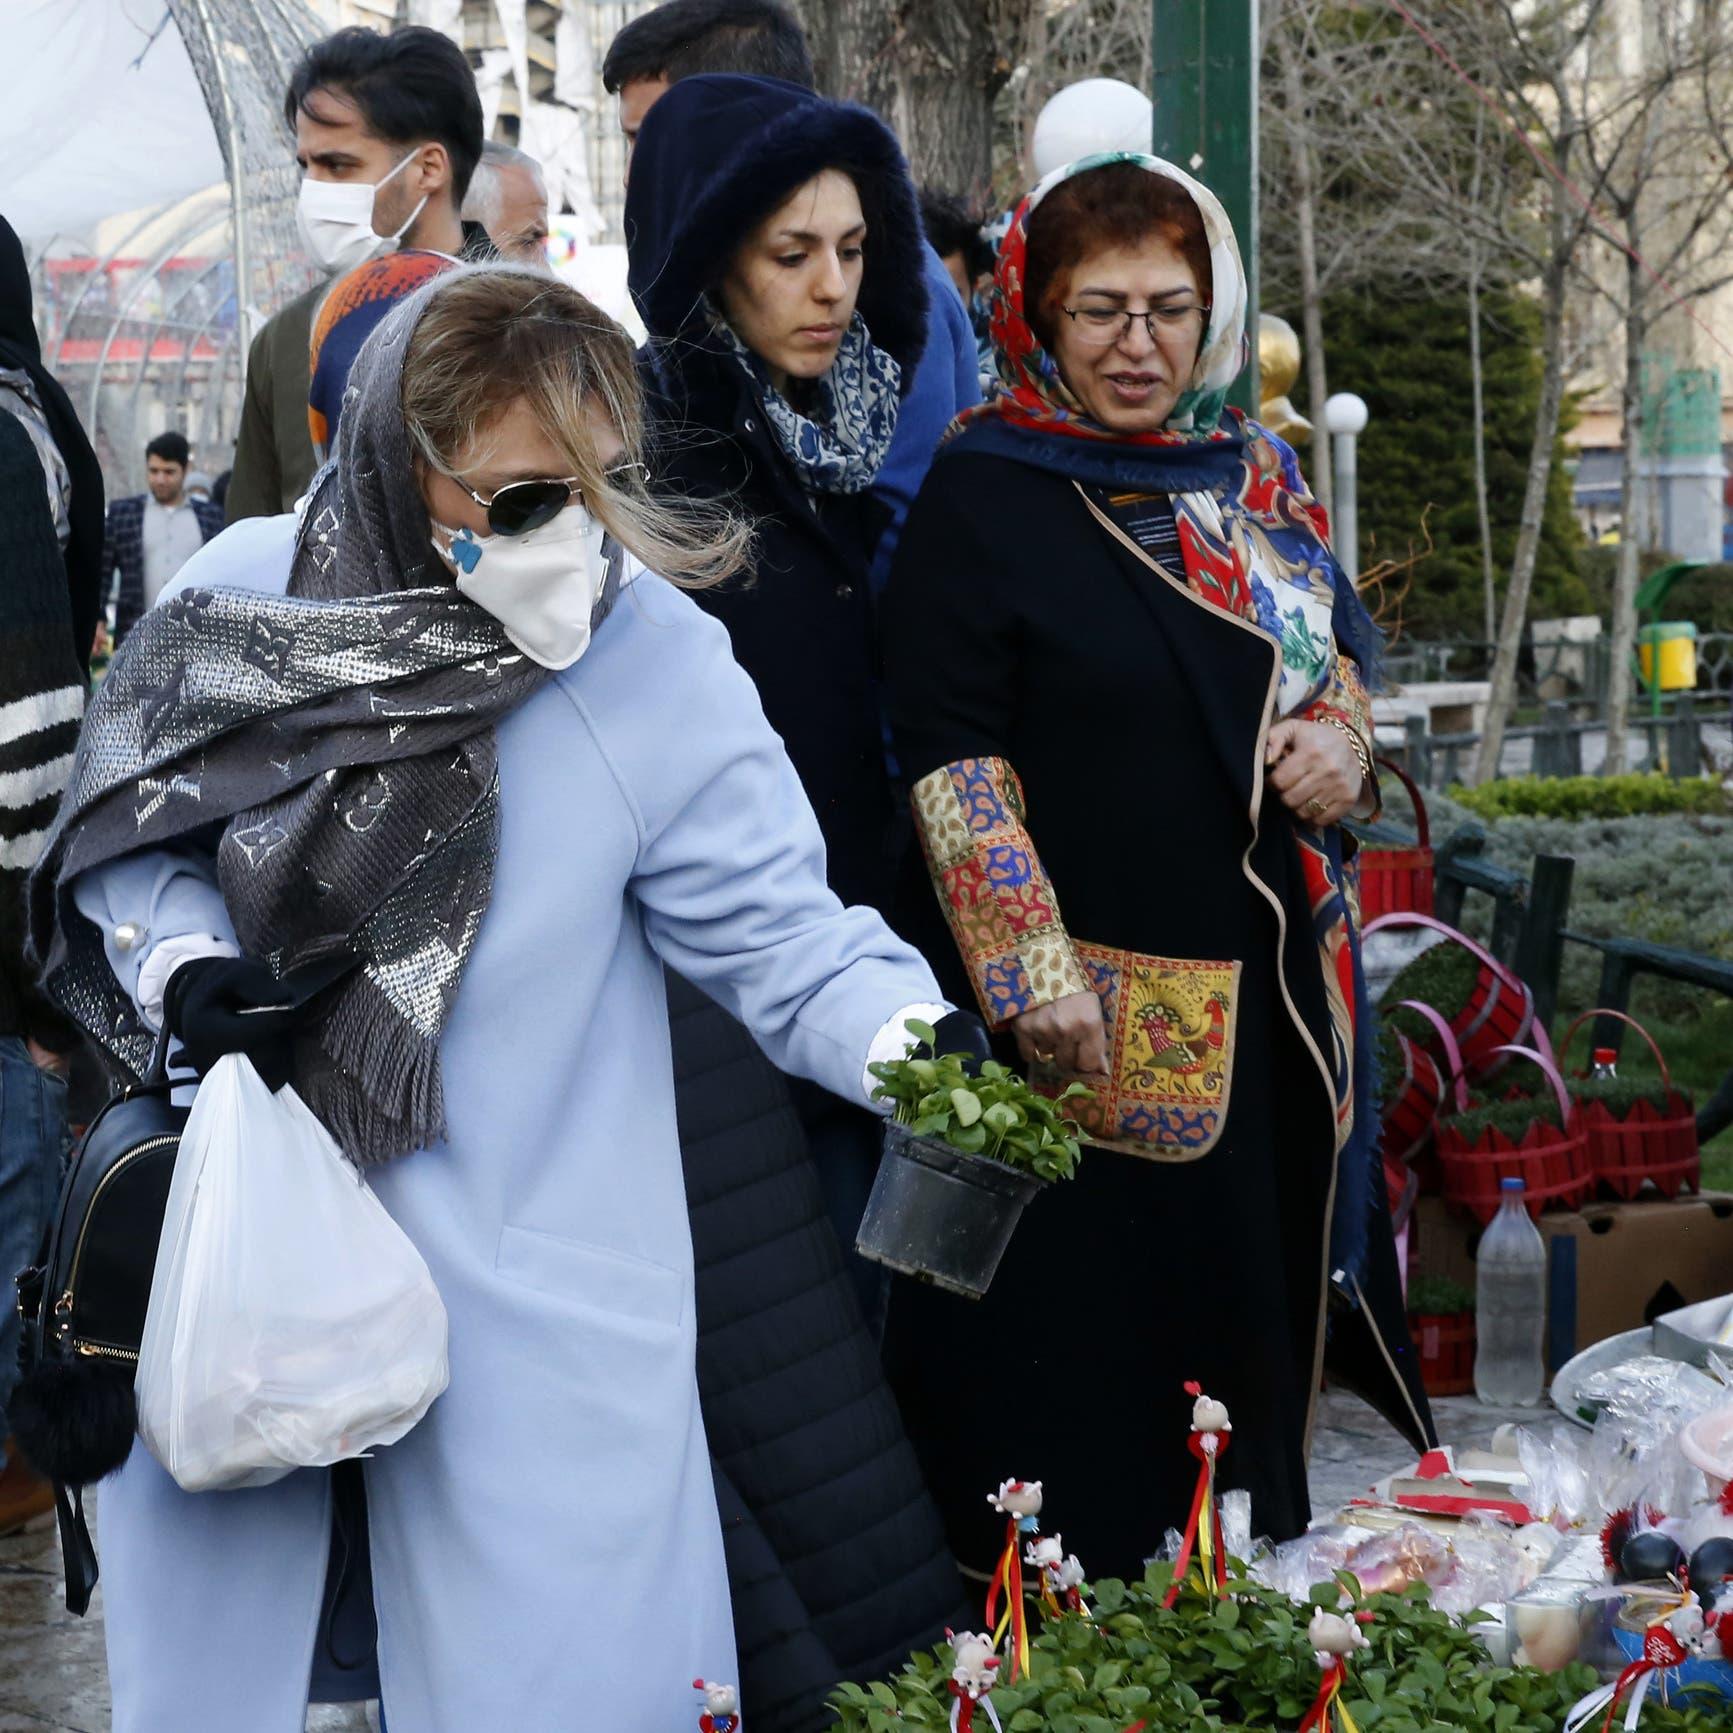 رئيس بلدية مشهد: ننتظر كارثة إنسانية